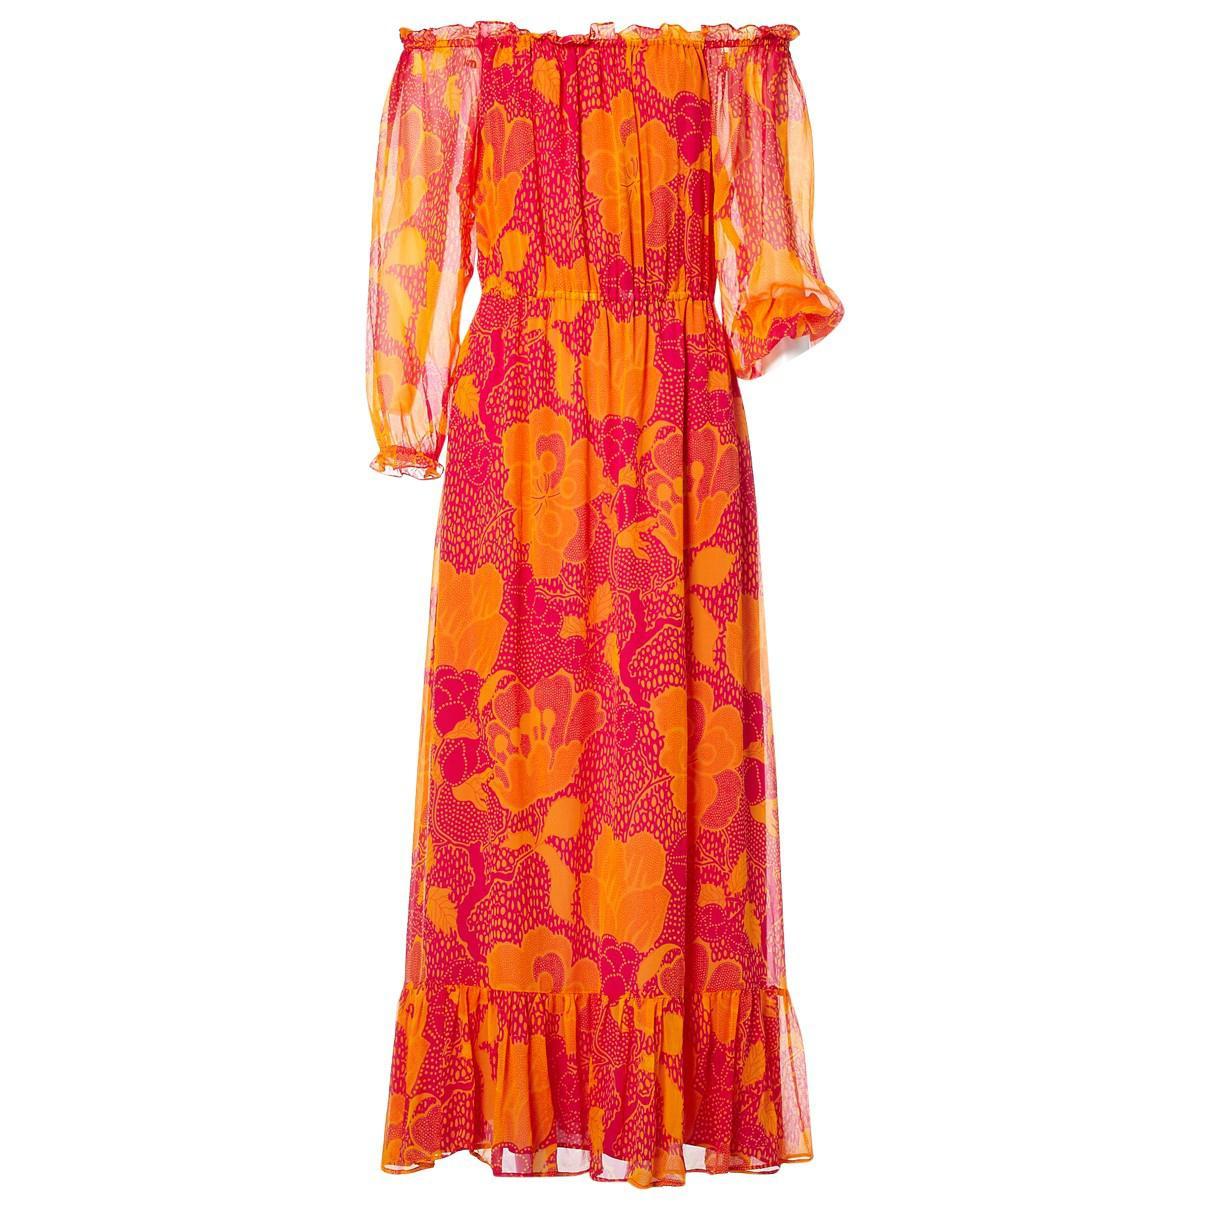 db1290292edb Lyst - Diane Von Furstenberg Silk Maxi Dress in Orange